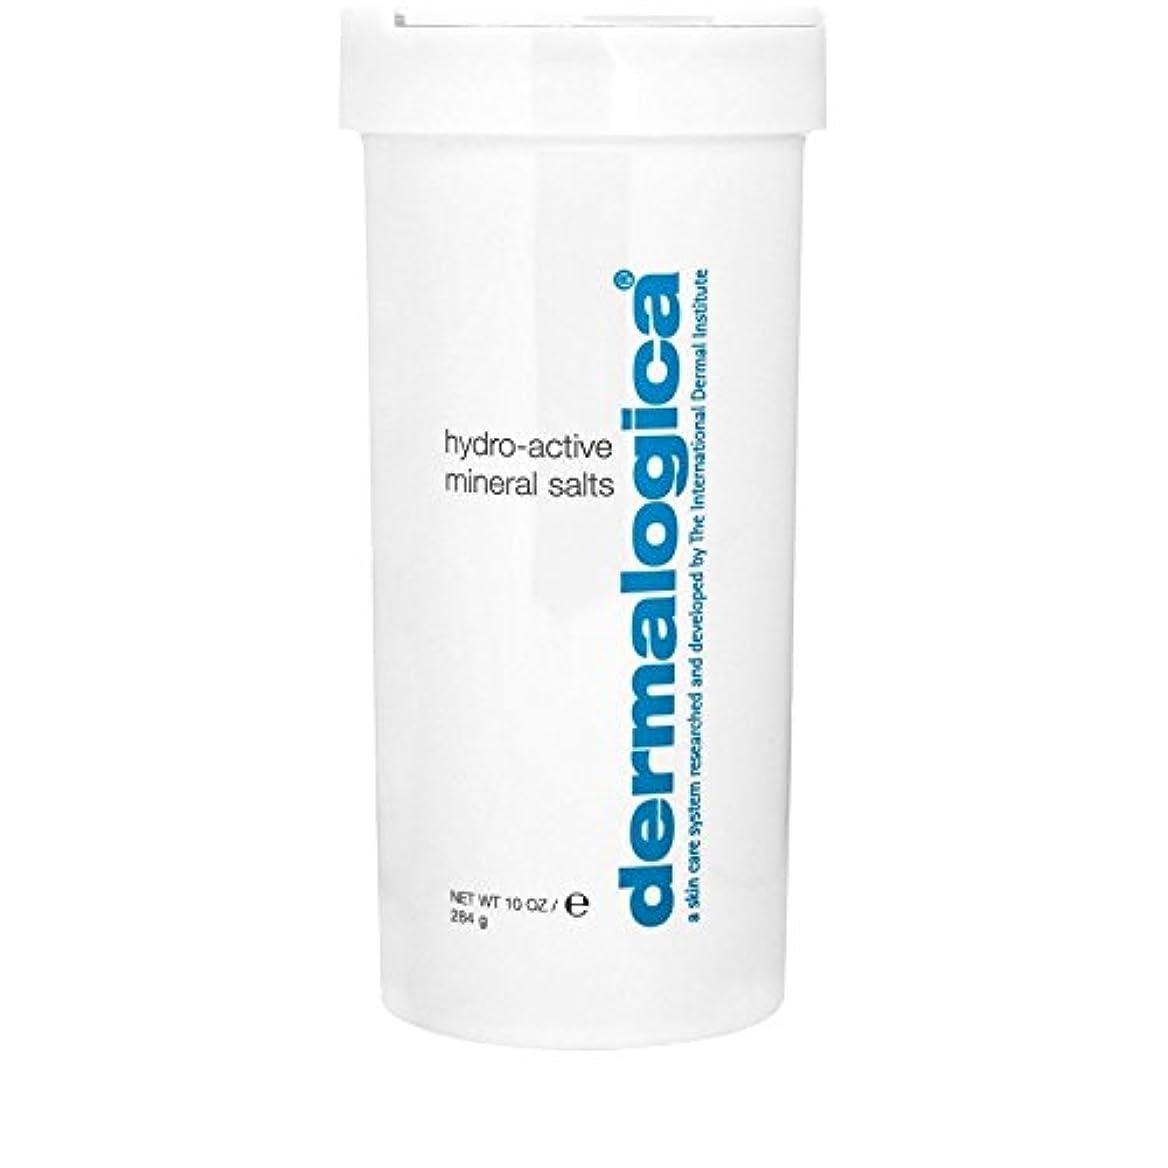 サーババトル下着ダーマロジカ水力アクティブミネラル塩284グラム x2 - Dermalogica Hydro Active Mineral Salt 284g (Pack of 2) [並行輸入品]